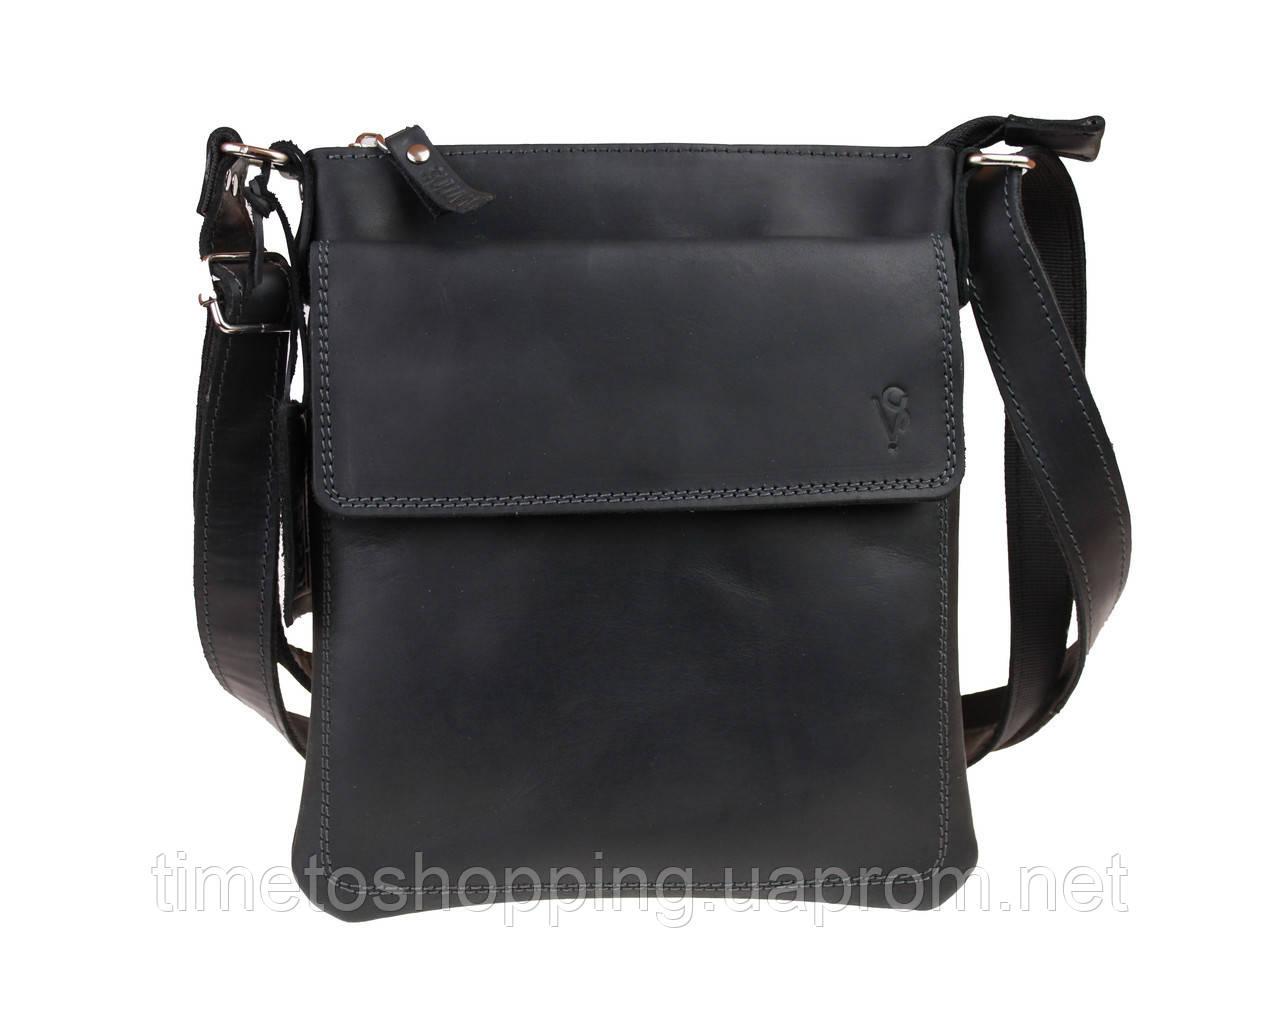 Сумка мужская  кожаная планшет SULLIVAN smvp124(25) черная